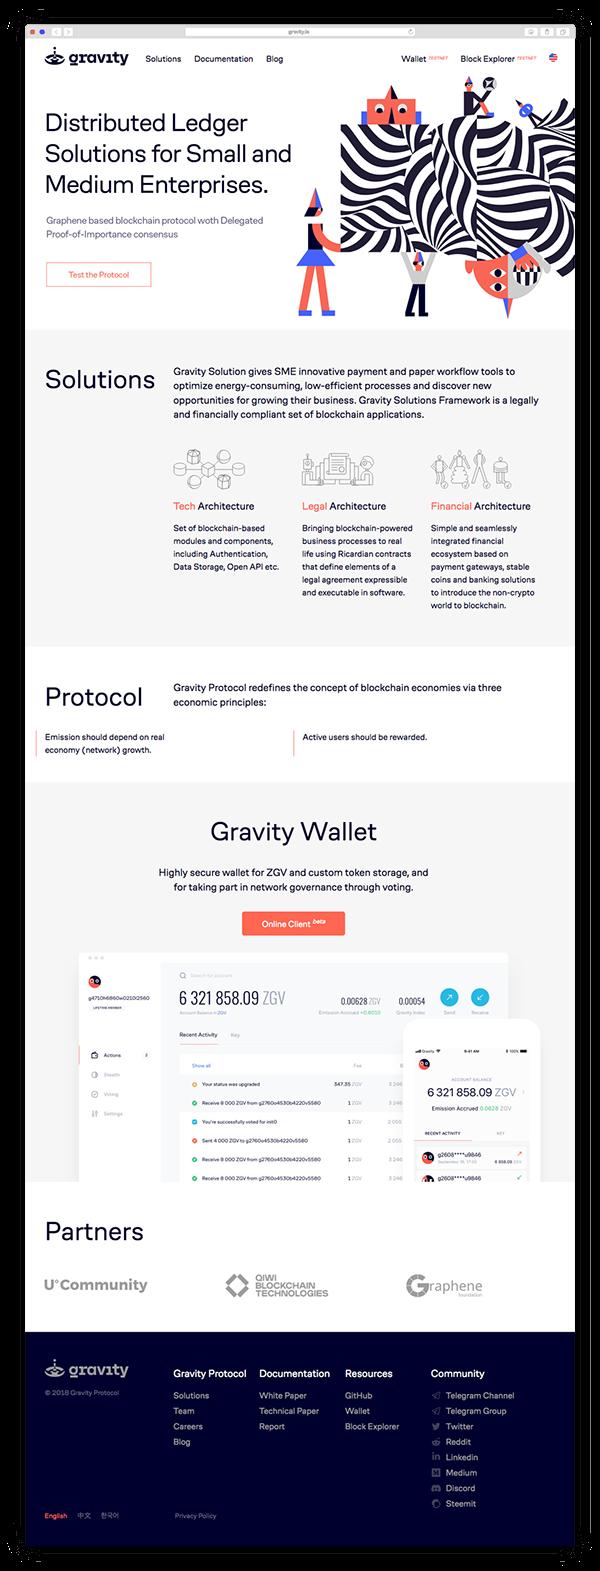 Gravity brand identity